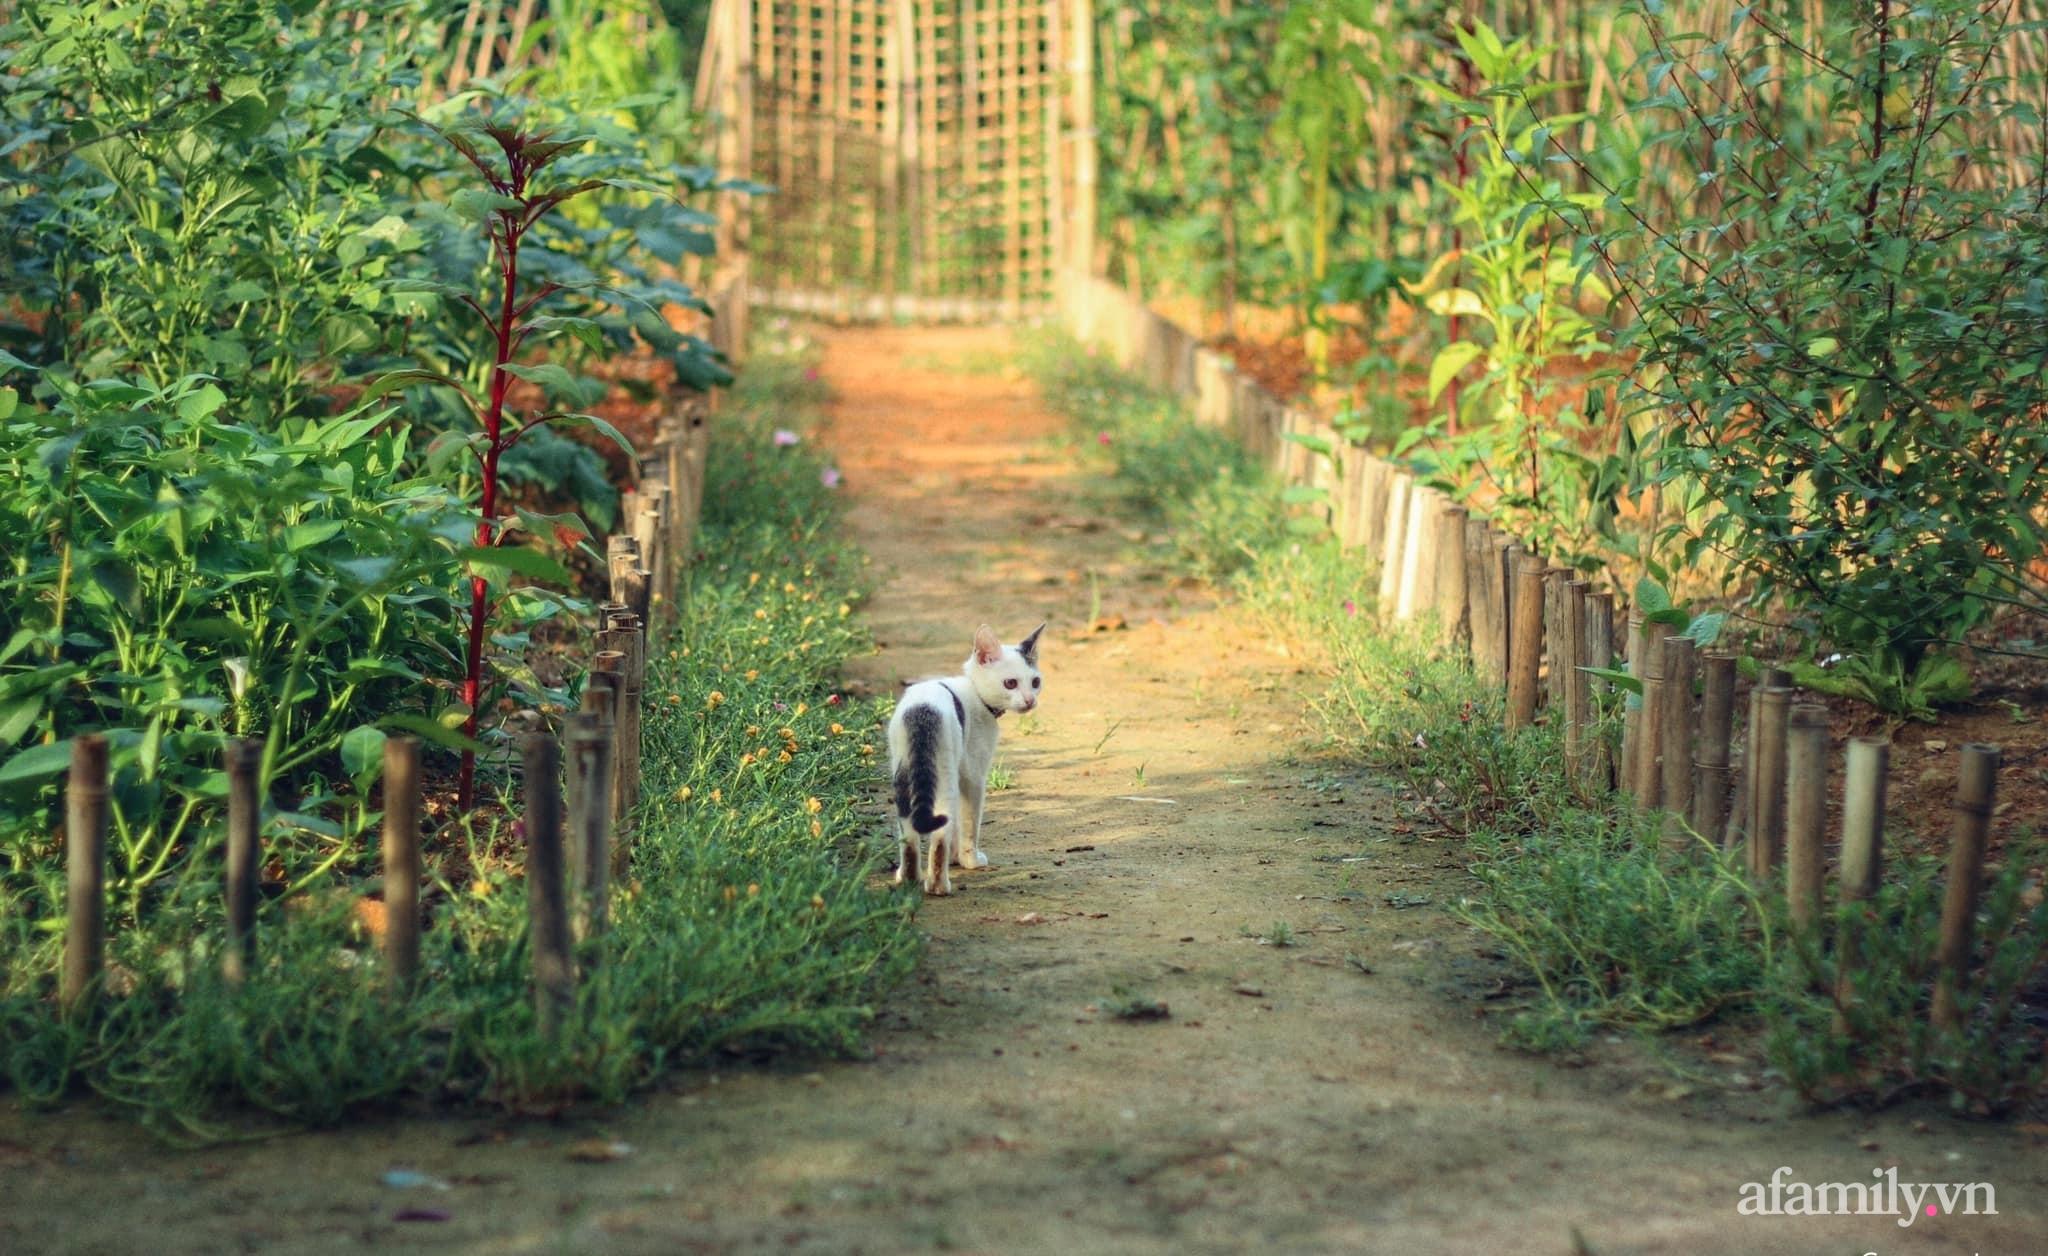 Cô gái trẻ bỏ Hà Nội phố về quê trồng rau nuôi cá, tạo không gian xanh sống cuộc đời an lành - Ảnh 2.